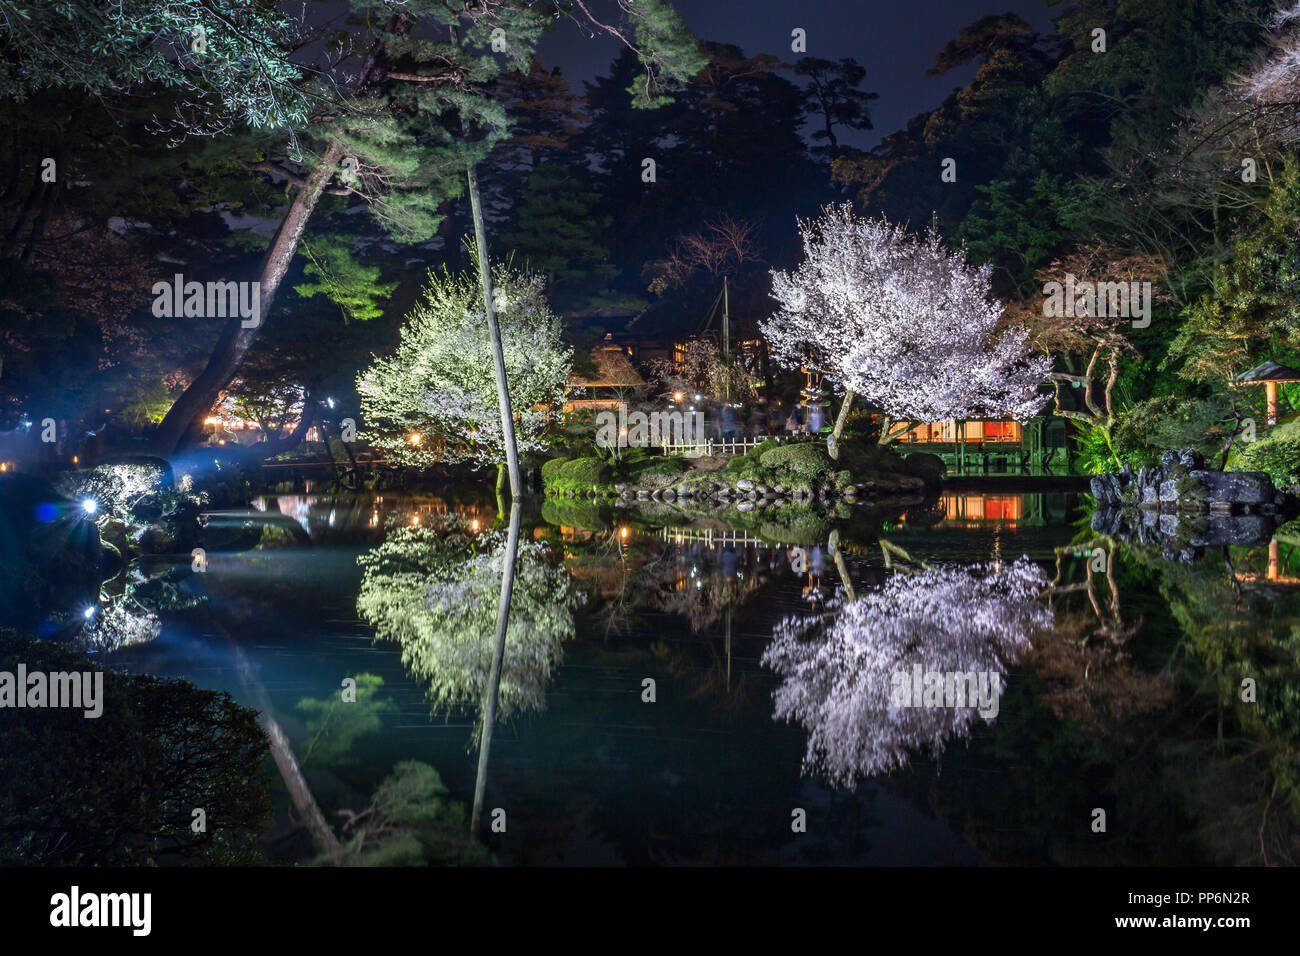 Kenrokuen gardens by night, reflected in water, Kanazawa, Japan - Stock Image